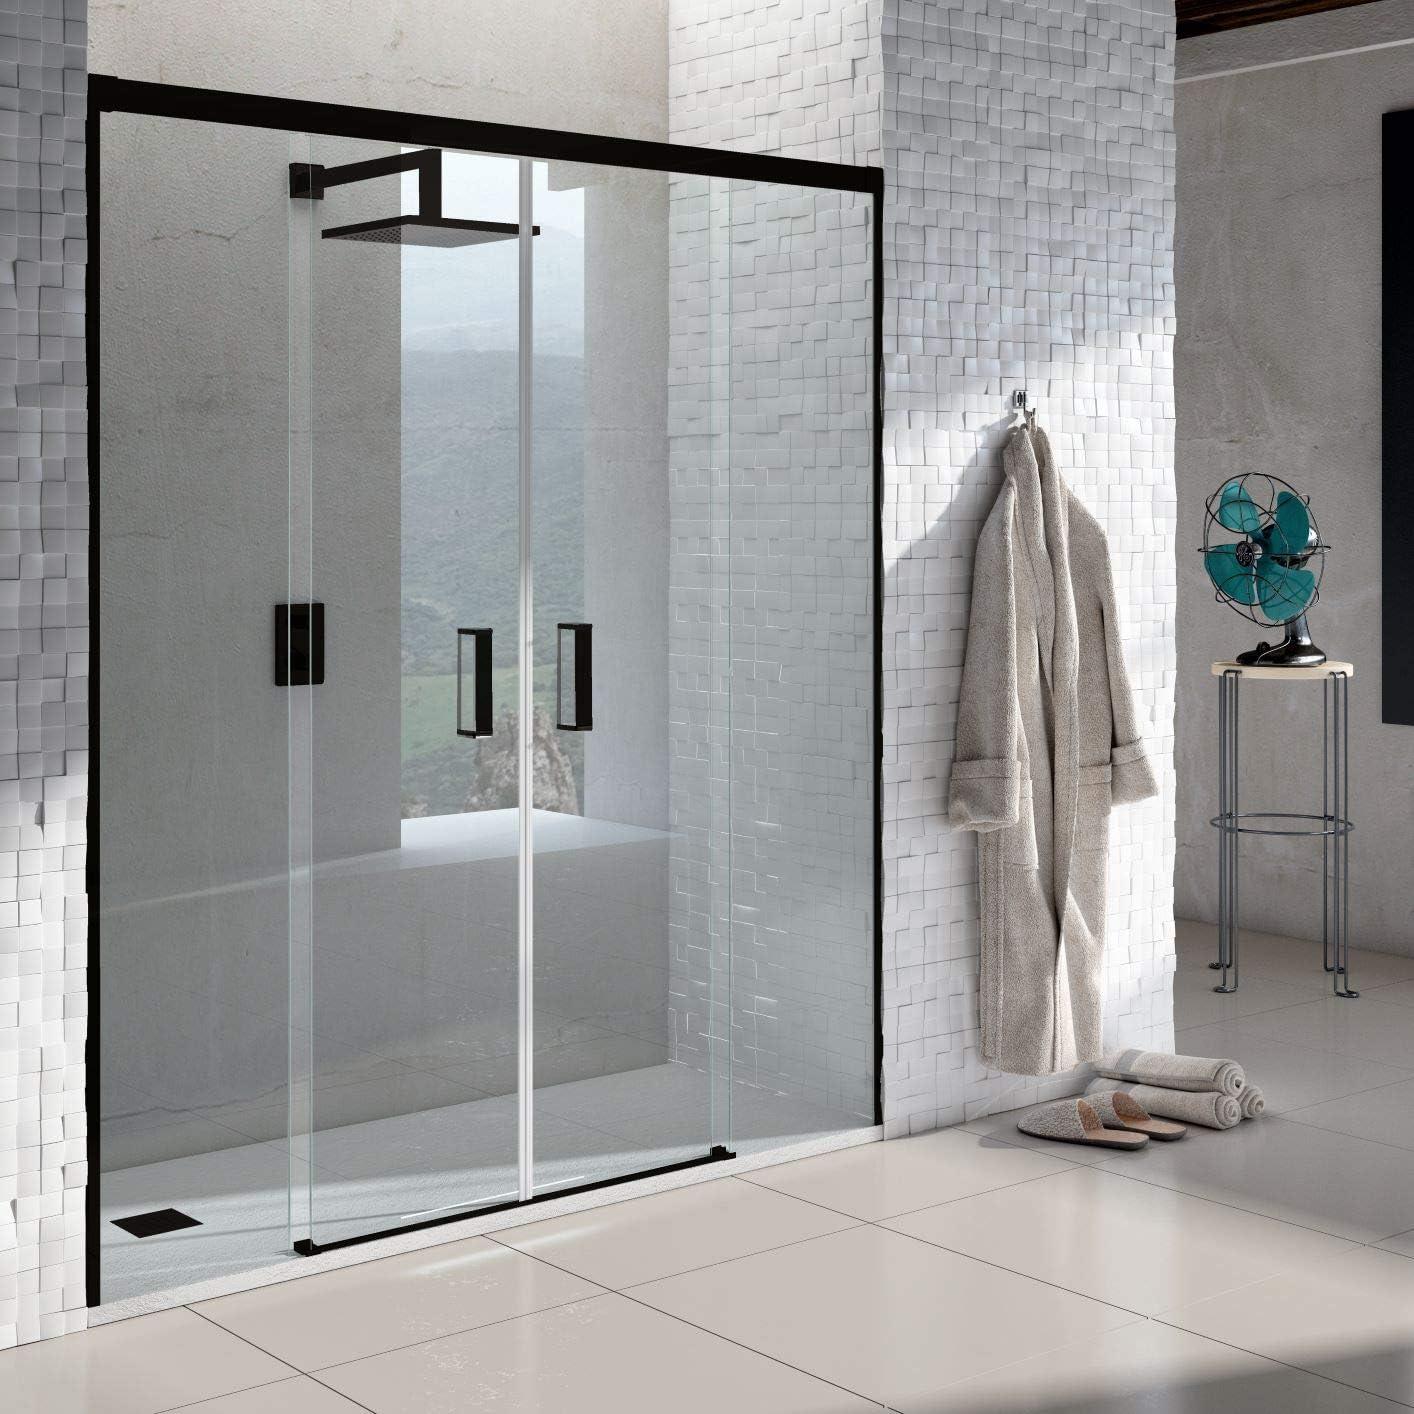 VAROBATH .Mampara de ducha con apertura frontal de puertas correderas, perfil NEGRO y cristal transparente con 6 mm de grosor. Disponible en varias medidas. Sin perfil inferior. (160 a 169): Amazon.es: Bricolaje